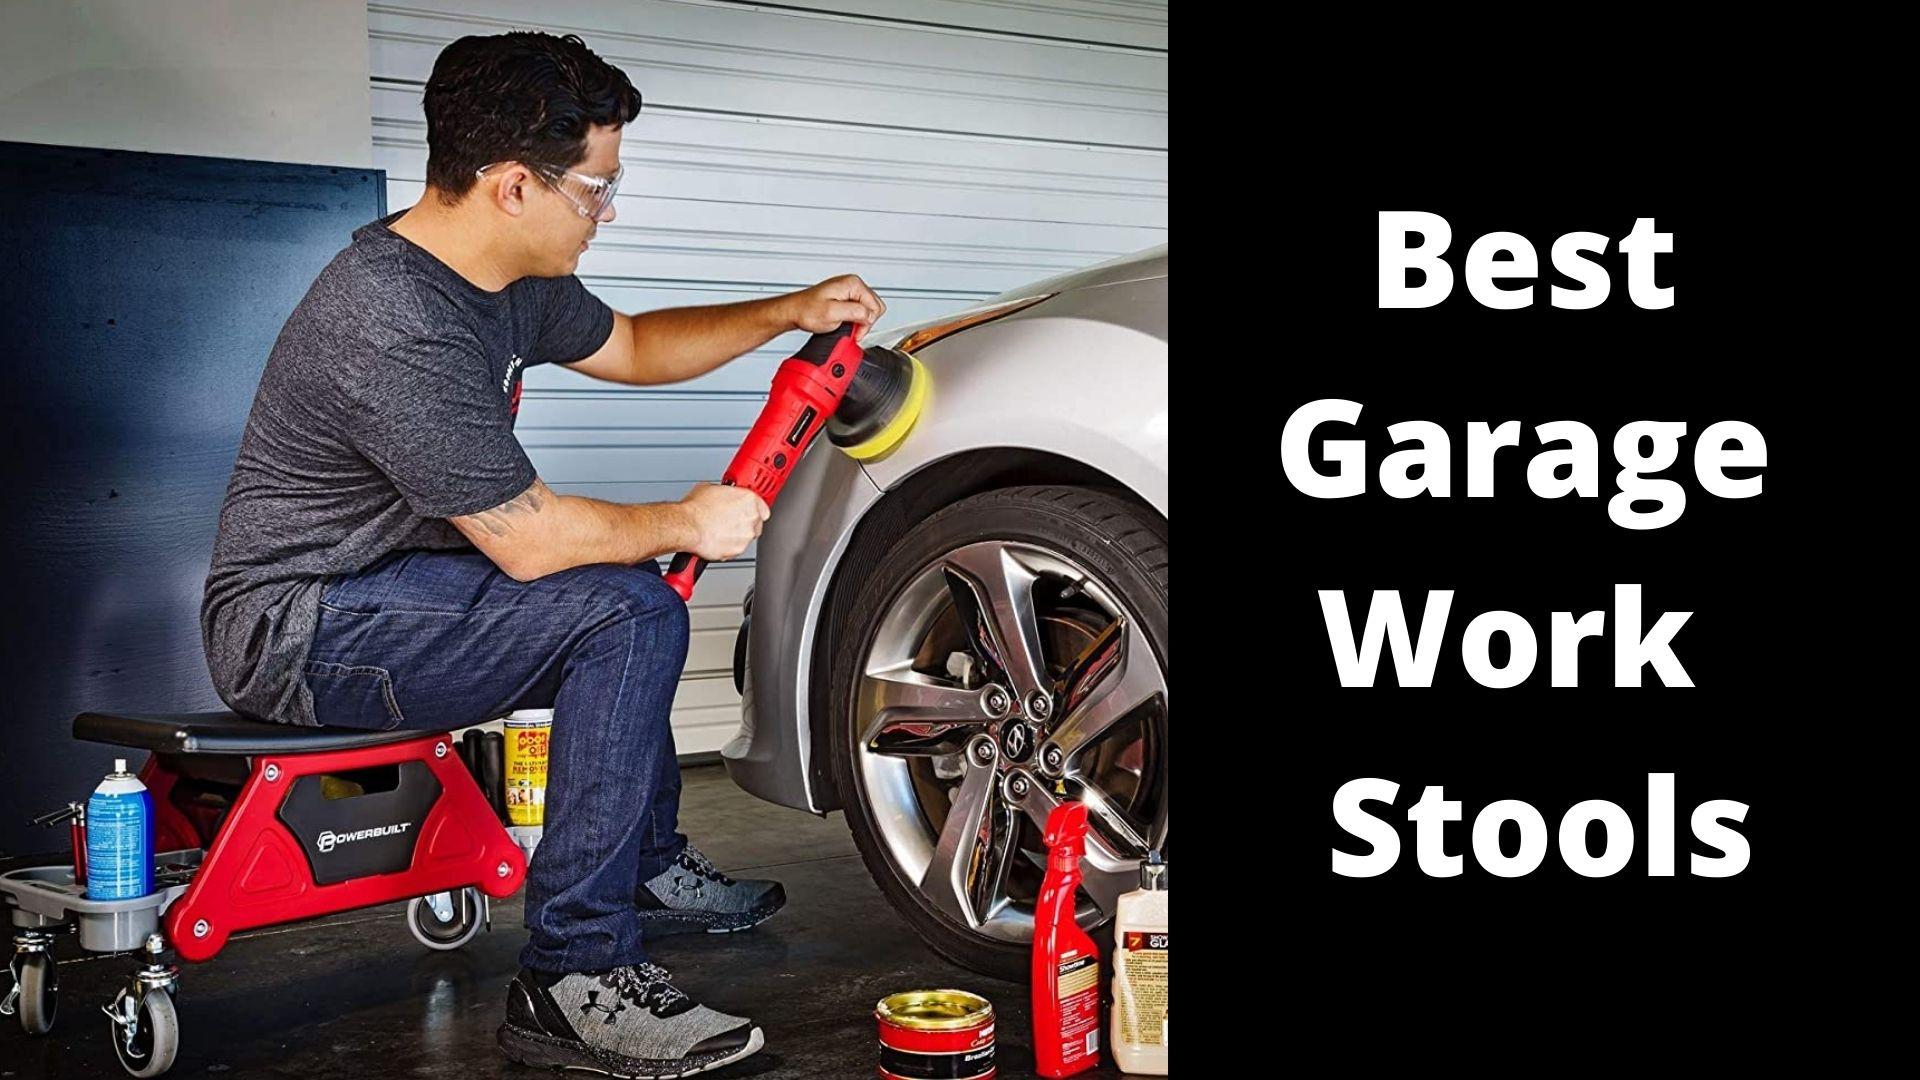 Best Garage Work Stools